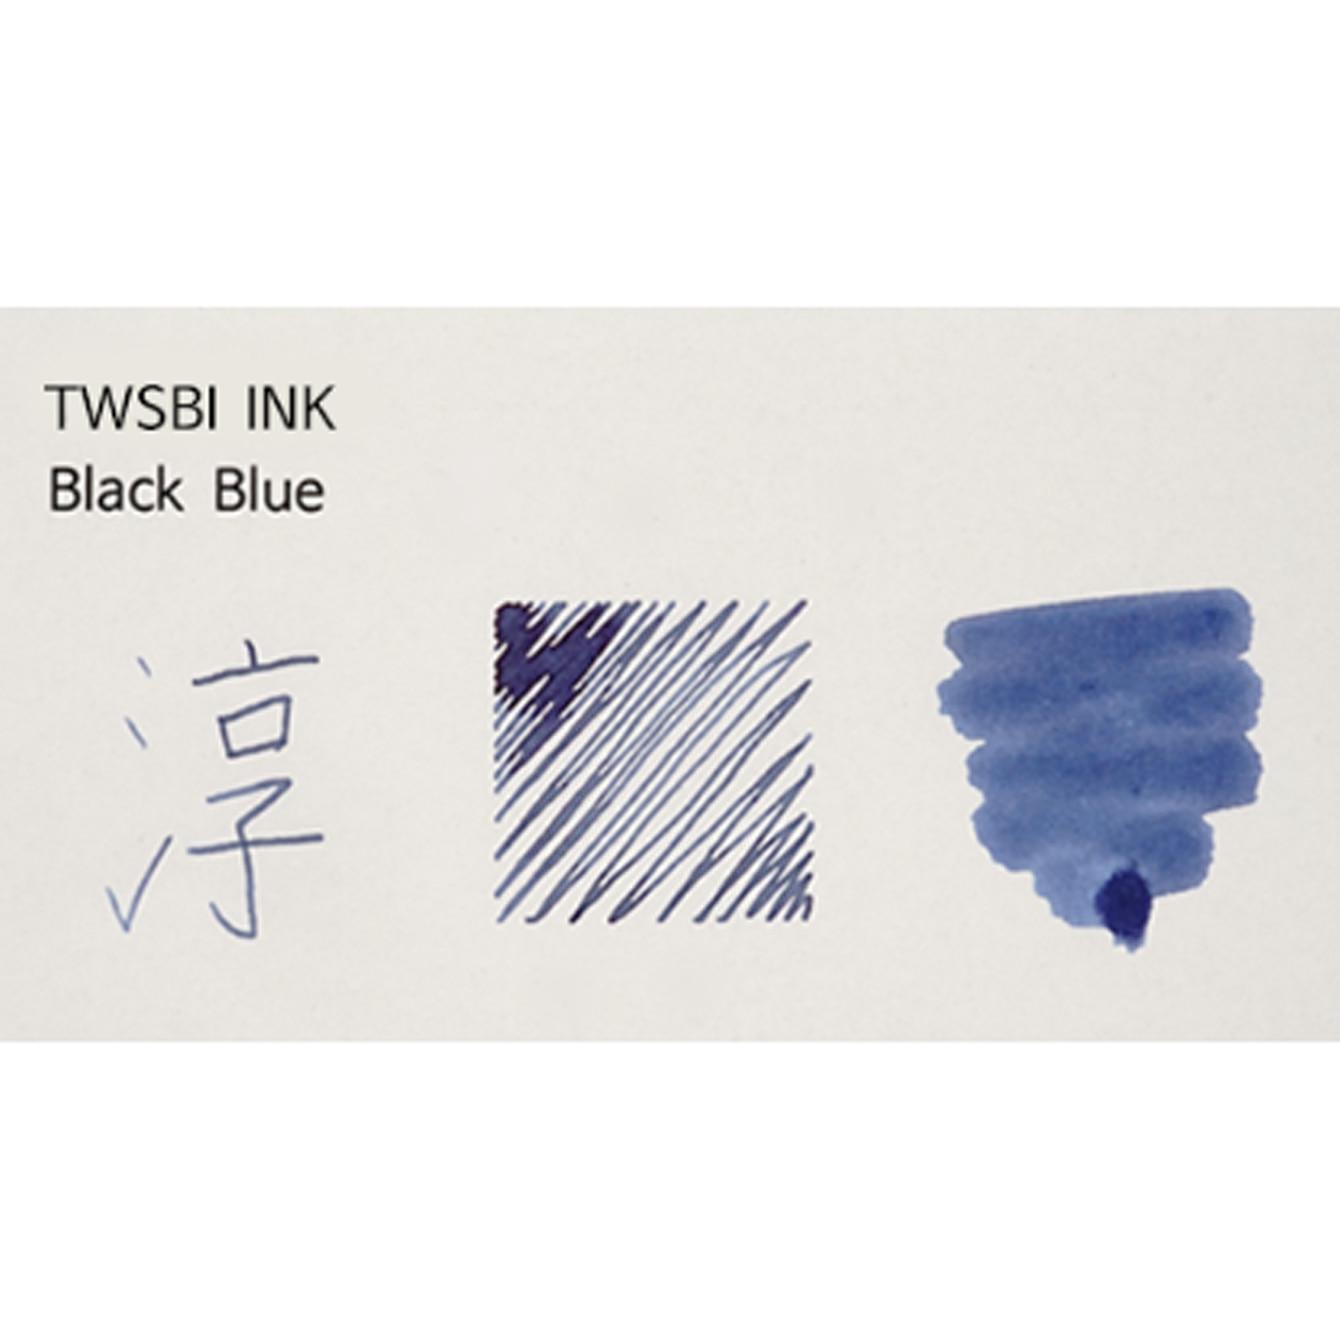 트위스비 병 잉크 블루블랙 Blue Black